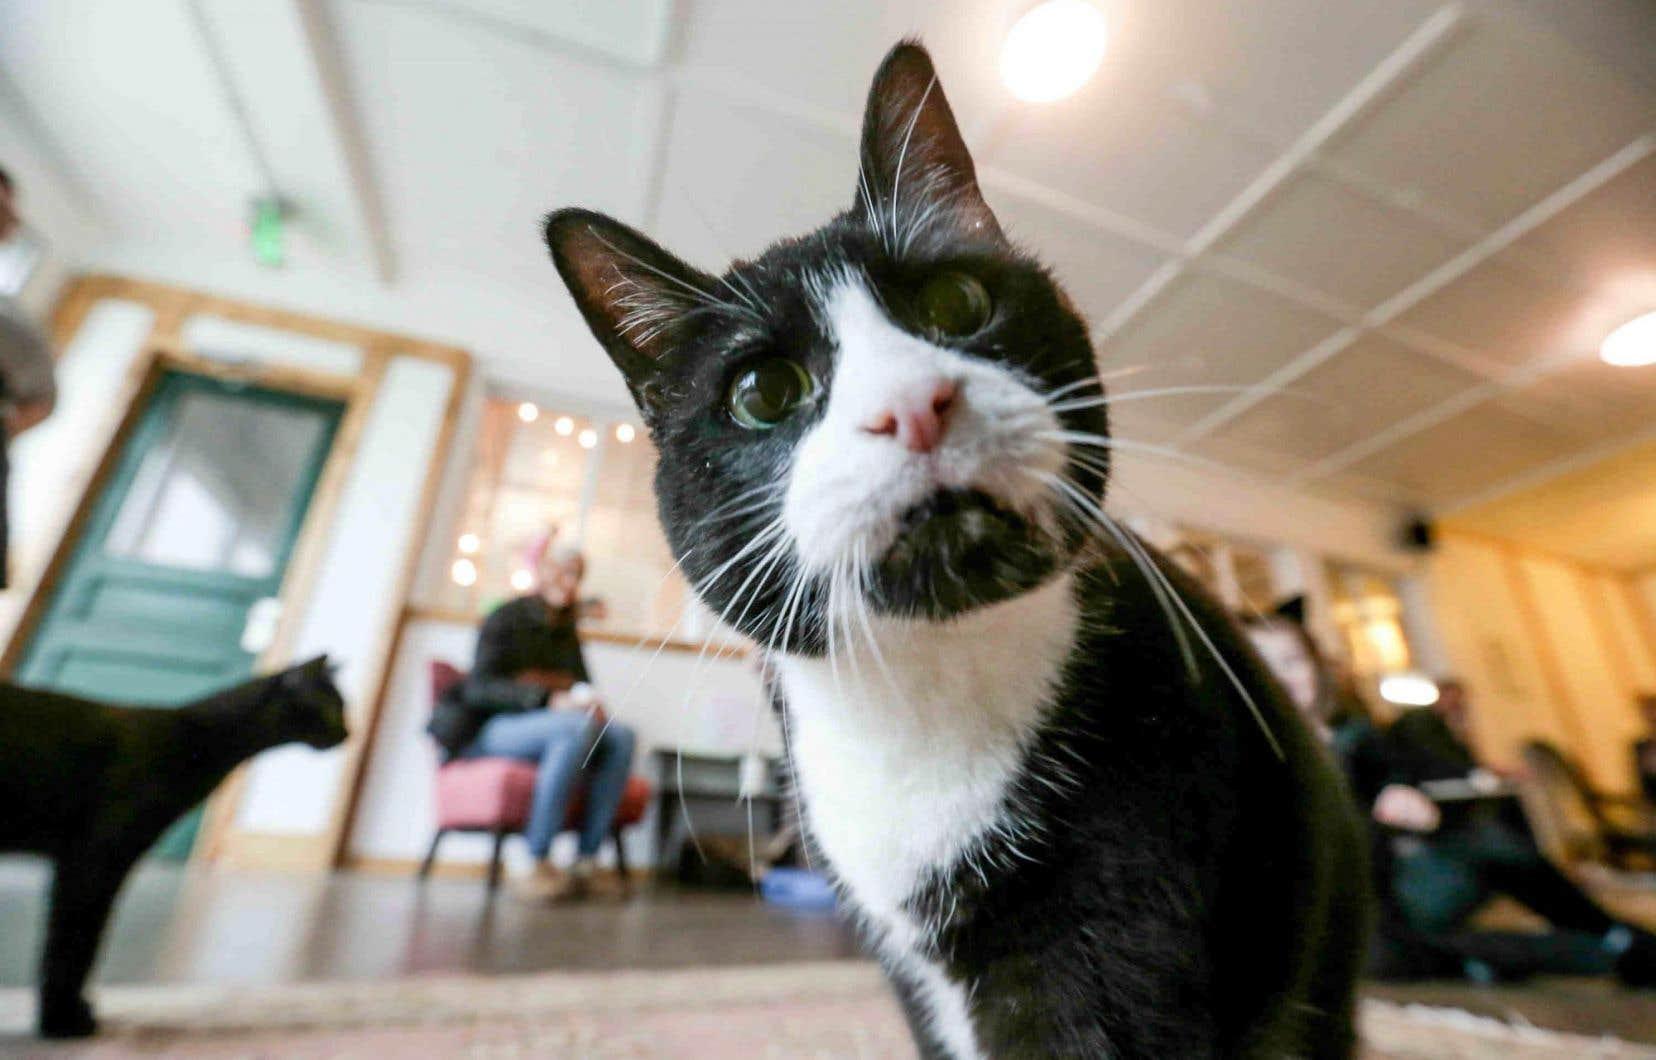 Avant de devenir les vedettes d'Internet, les chats ont tissé des liens étroits avec l'être humain.